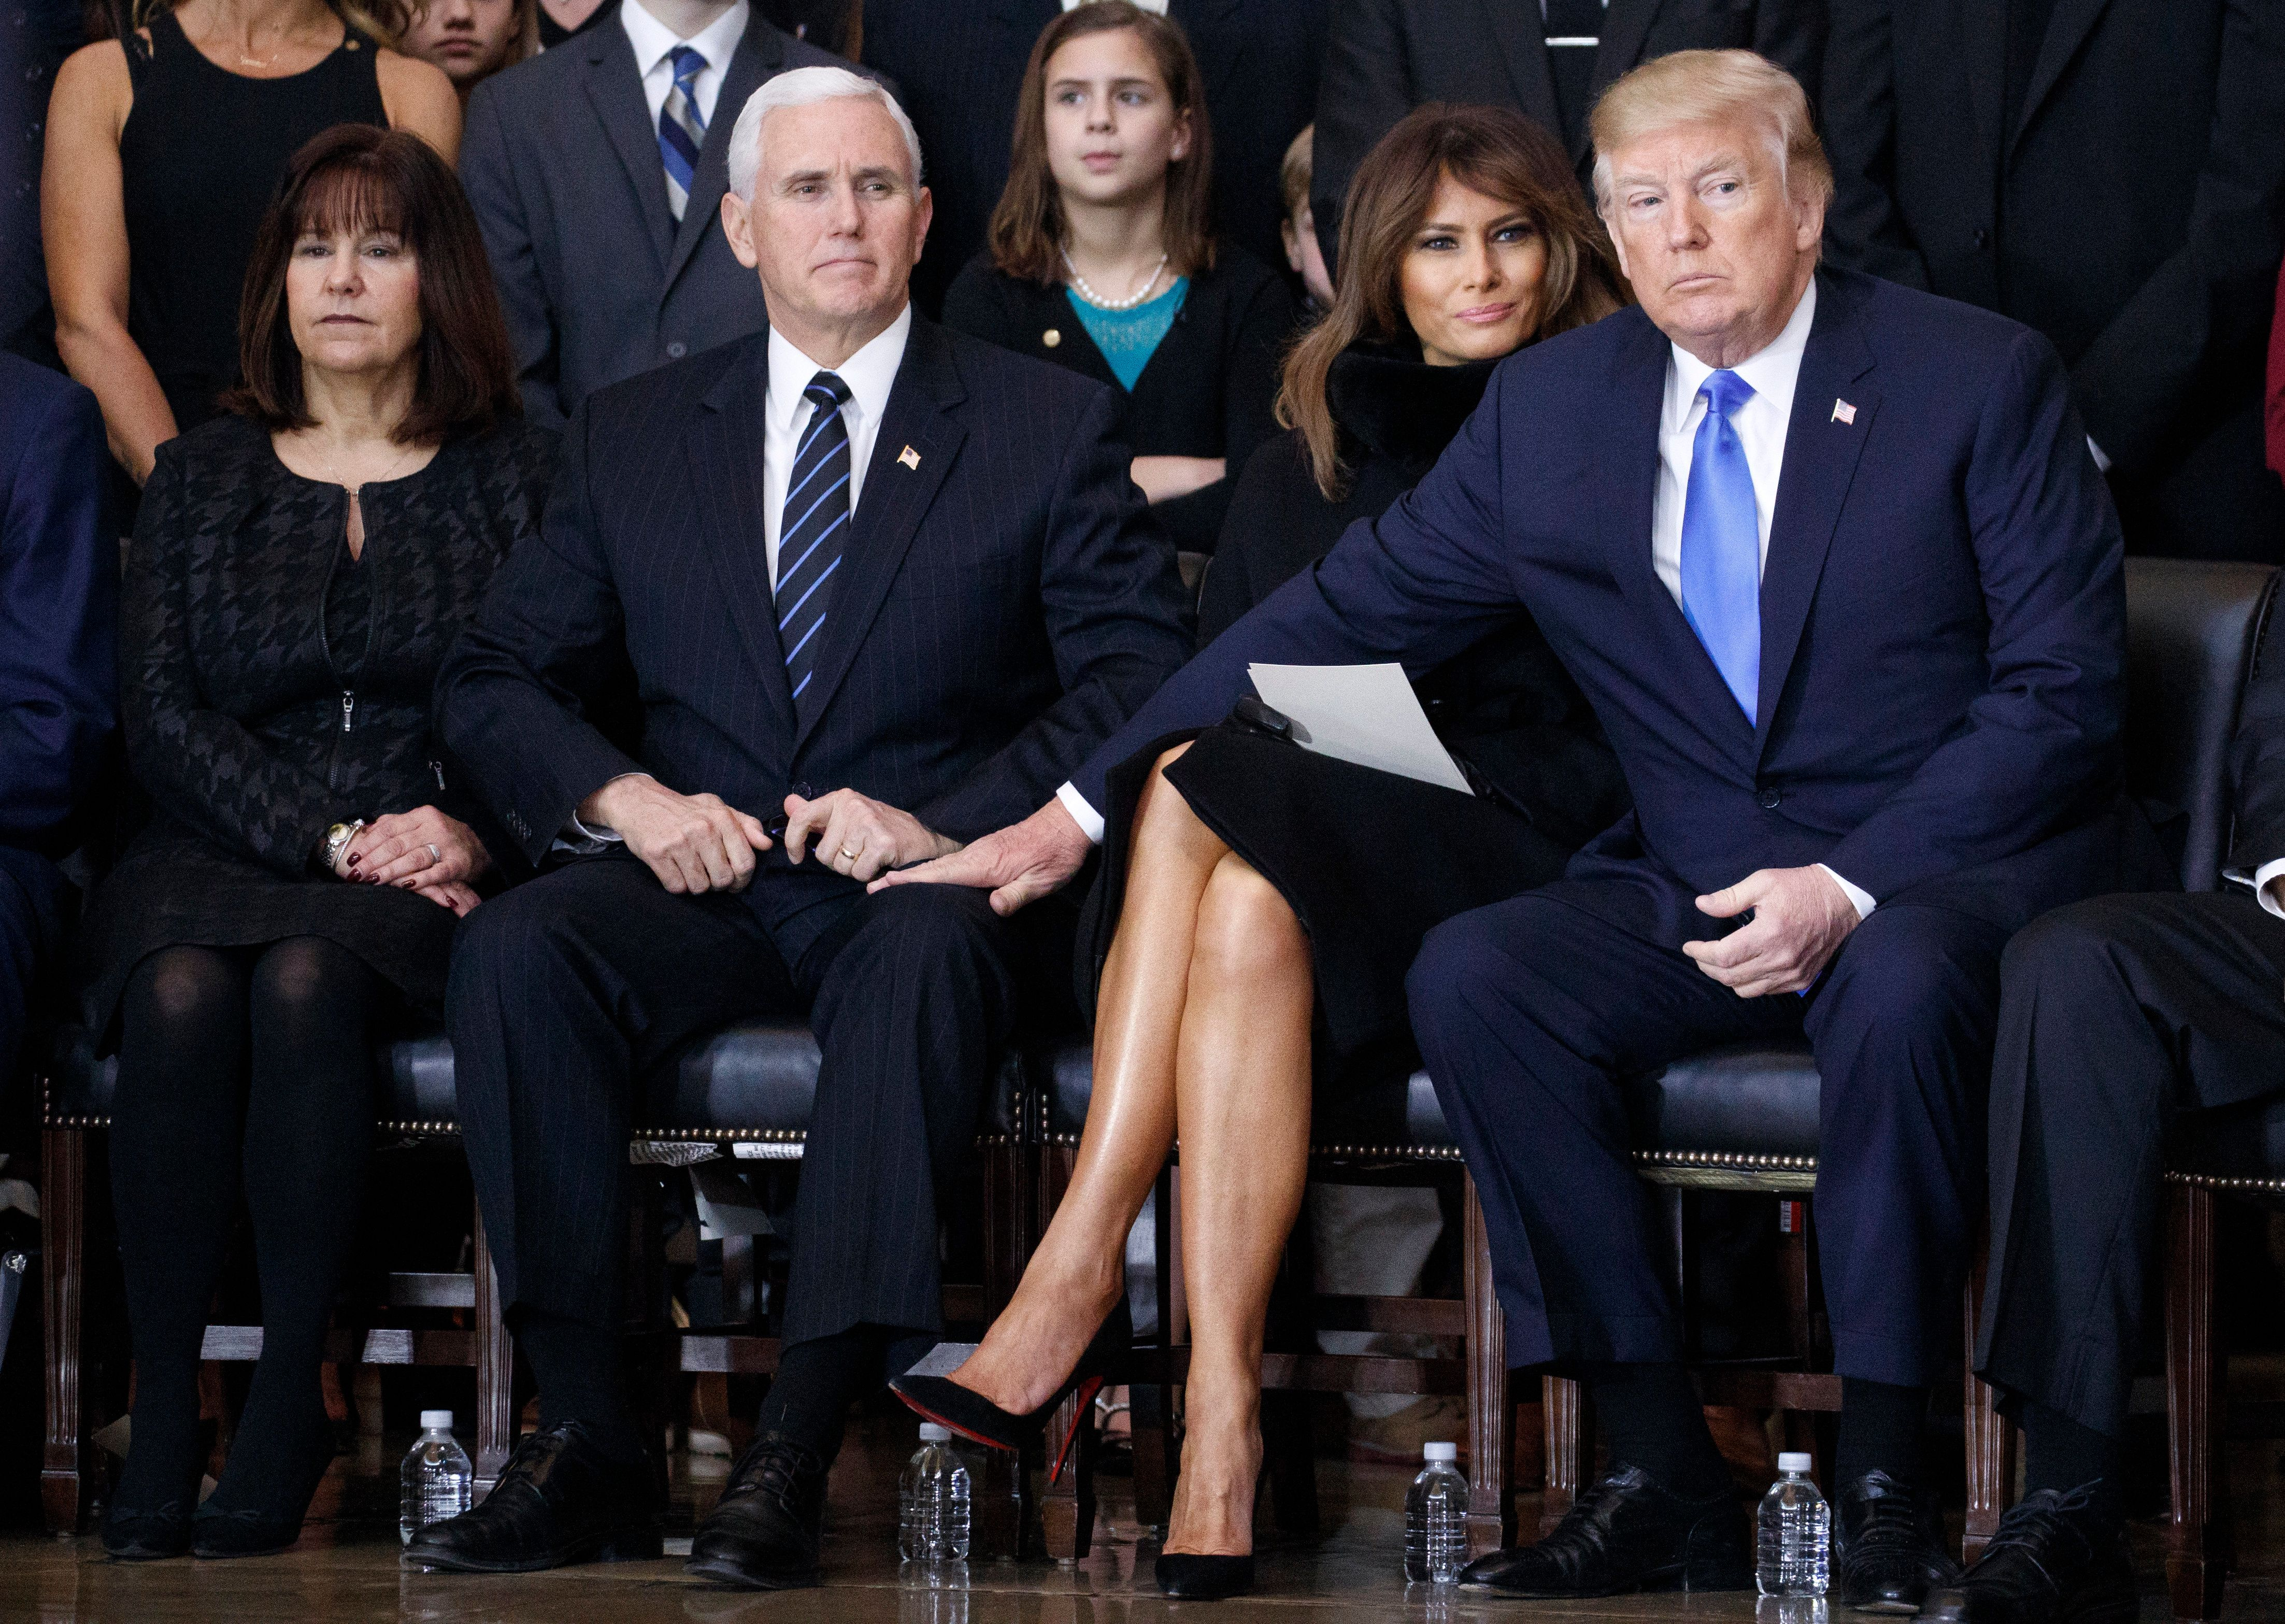 Auf Beerdigung: Foto zeigt neuen schrägen Moment zwischen Donald Trump und Melania